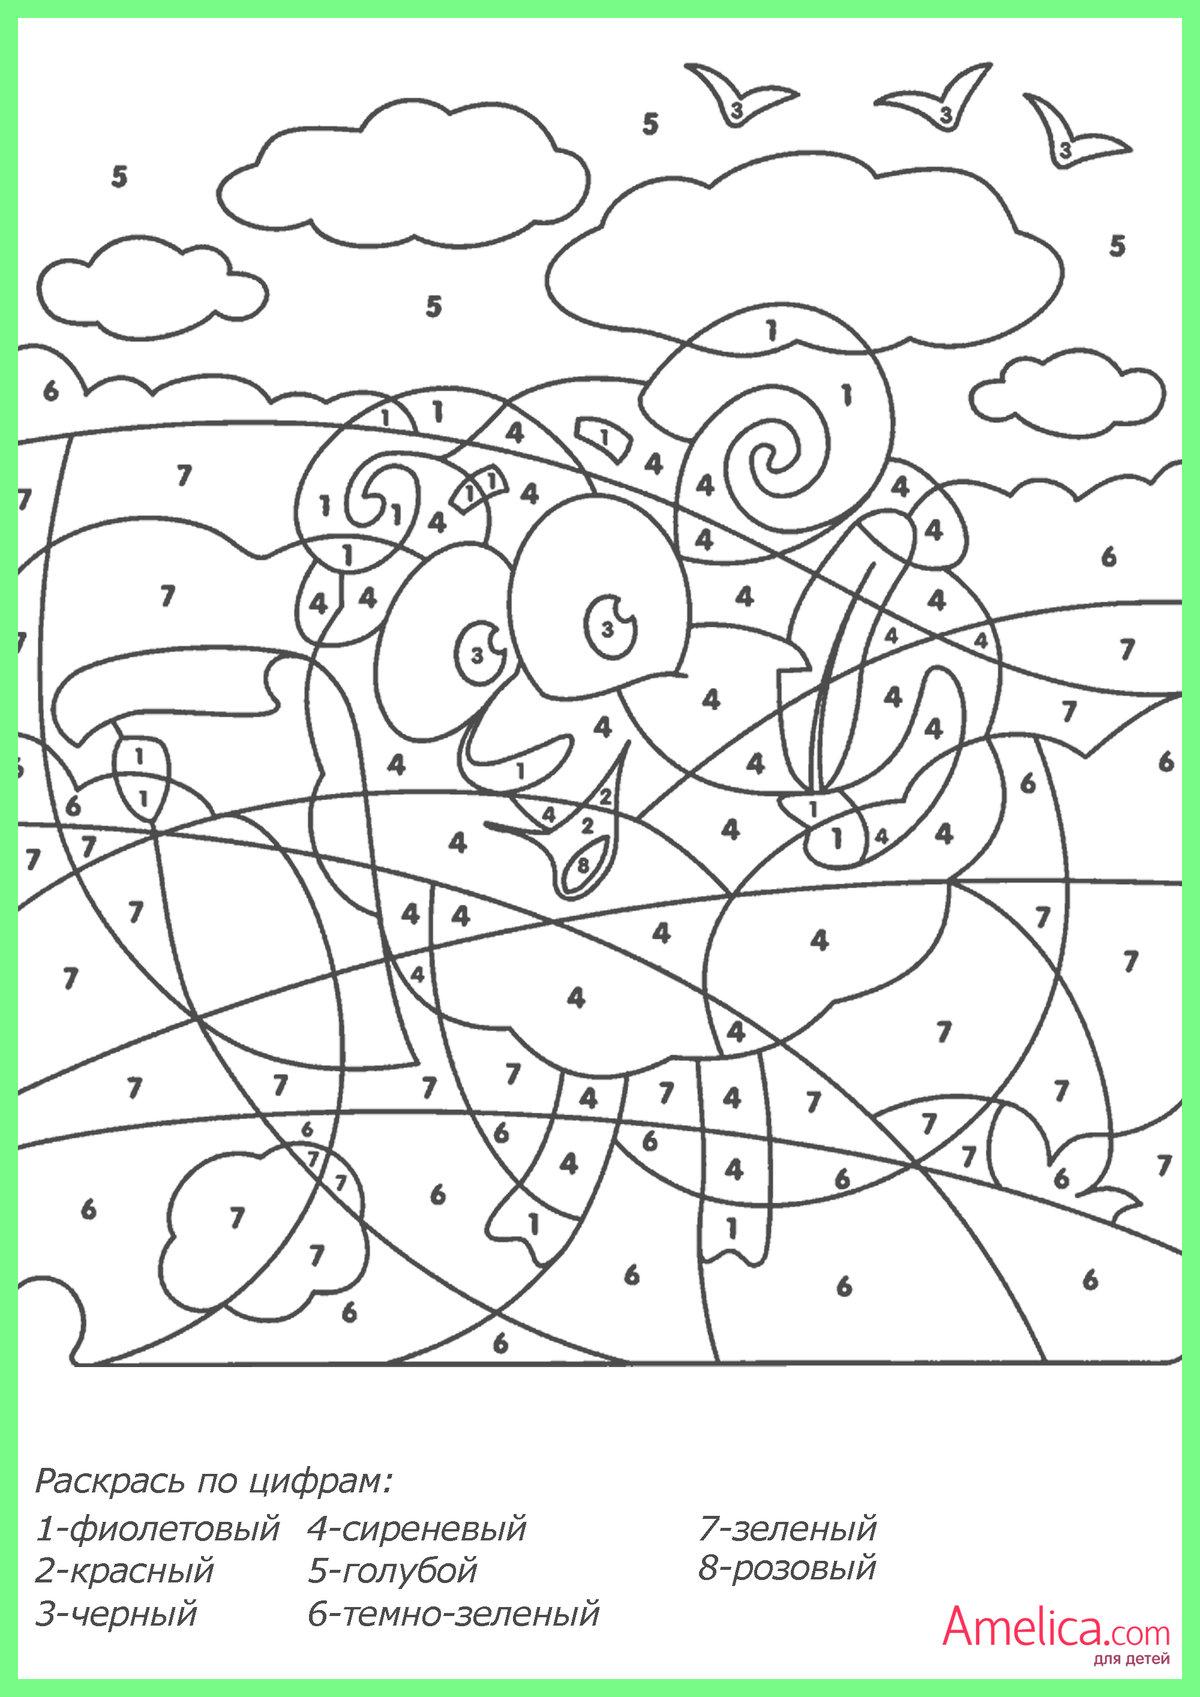 «Раскраски по номерам для 1 класса - Картины раскраски по ...